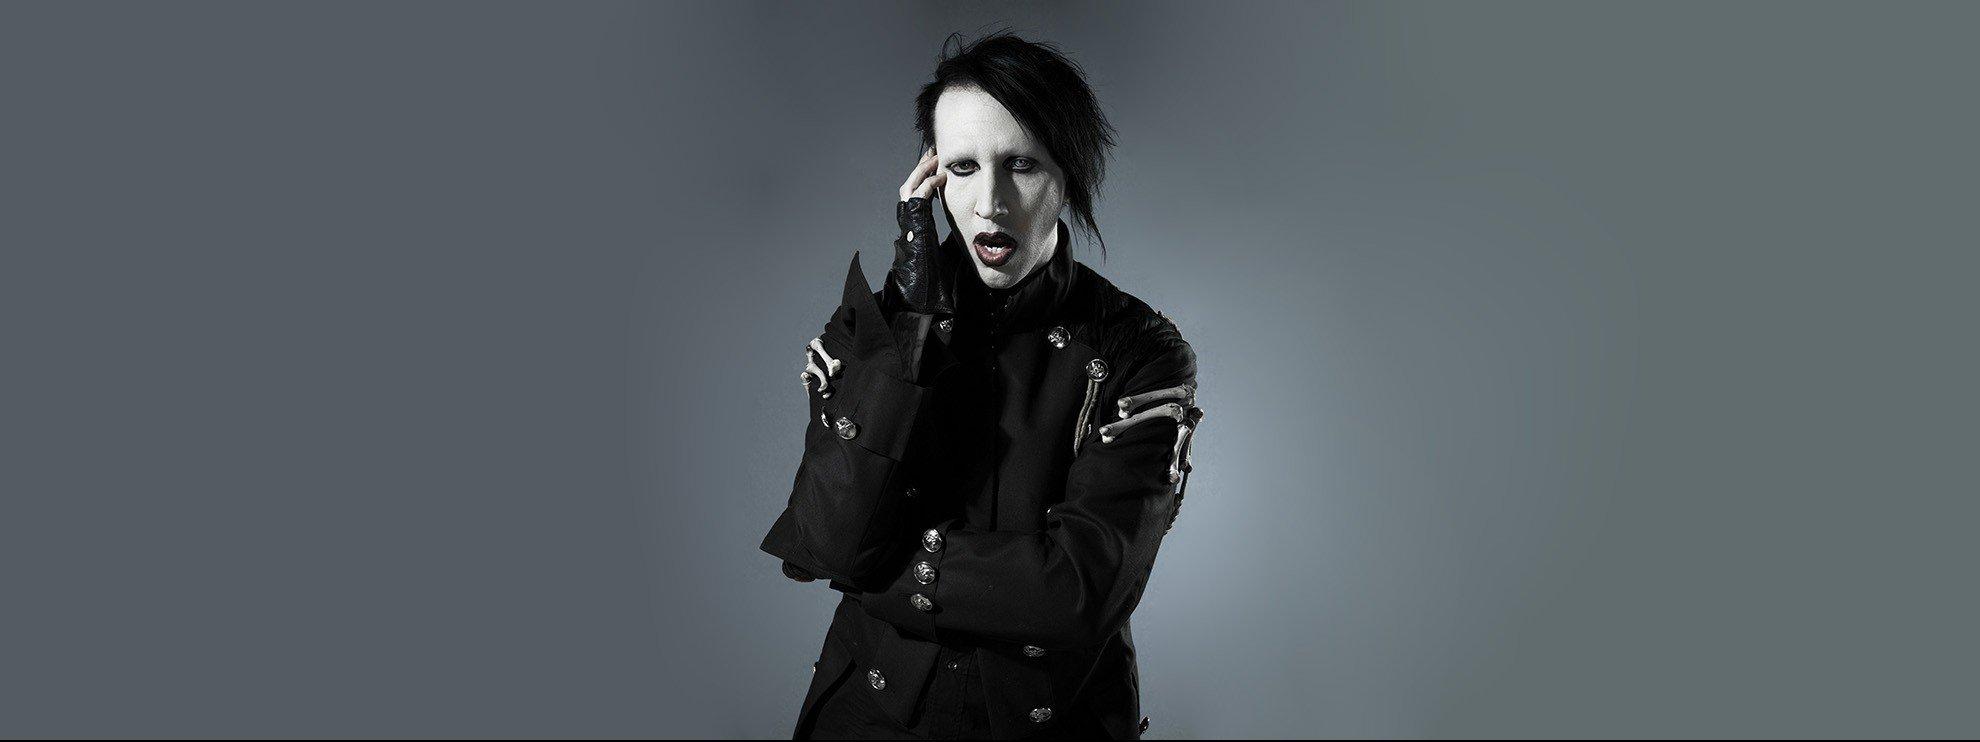 исполнитель Marilyn Manson (Мэрилин Мэнсон)